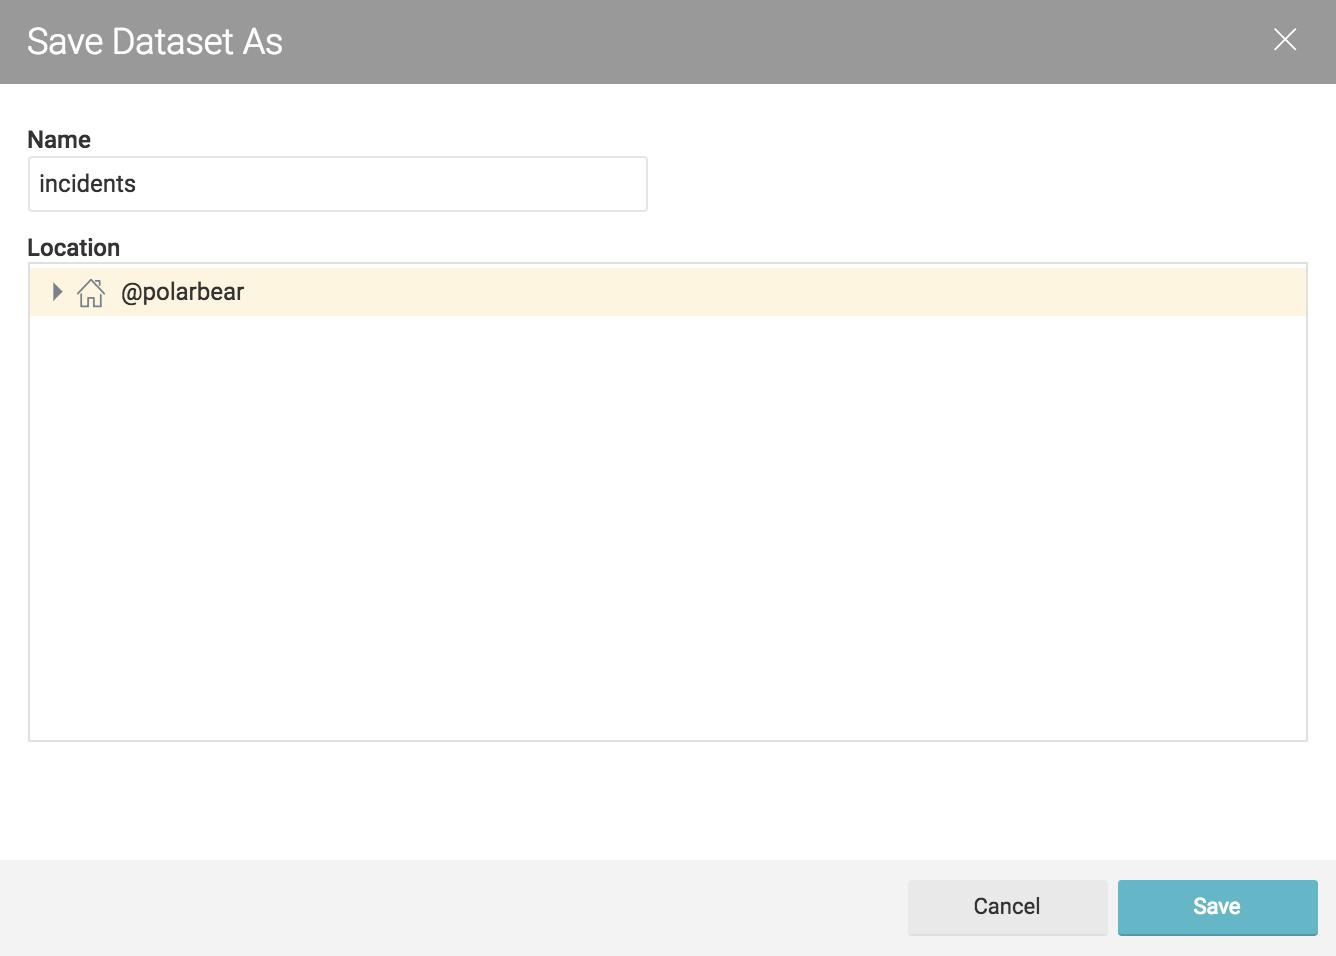 Saving a dataset